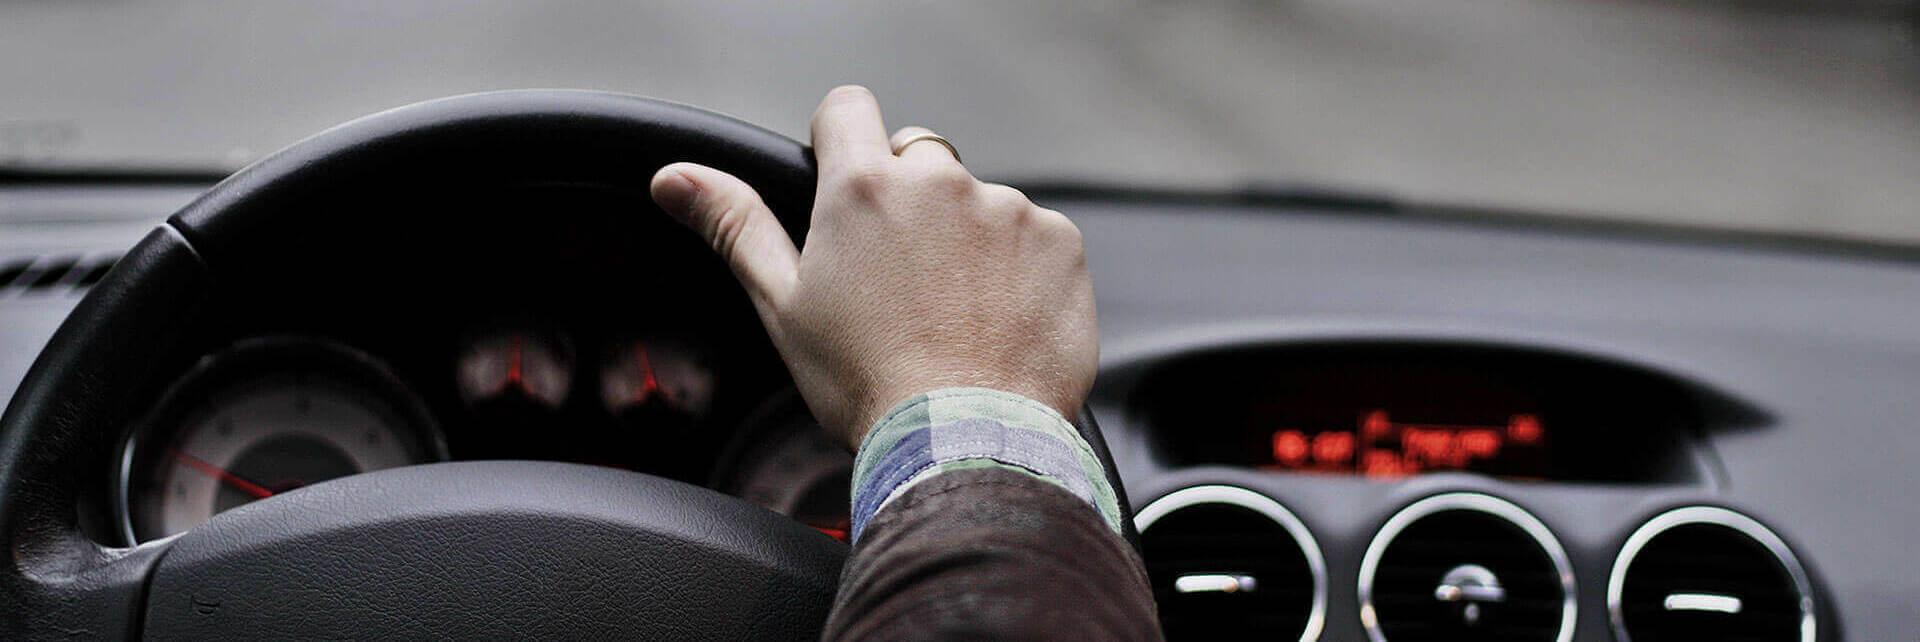 Opciones de alquiler de coche en las islas Azores